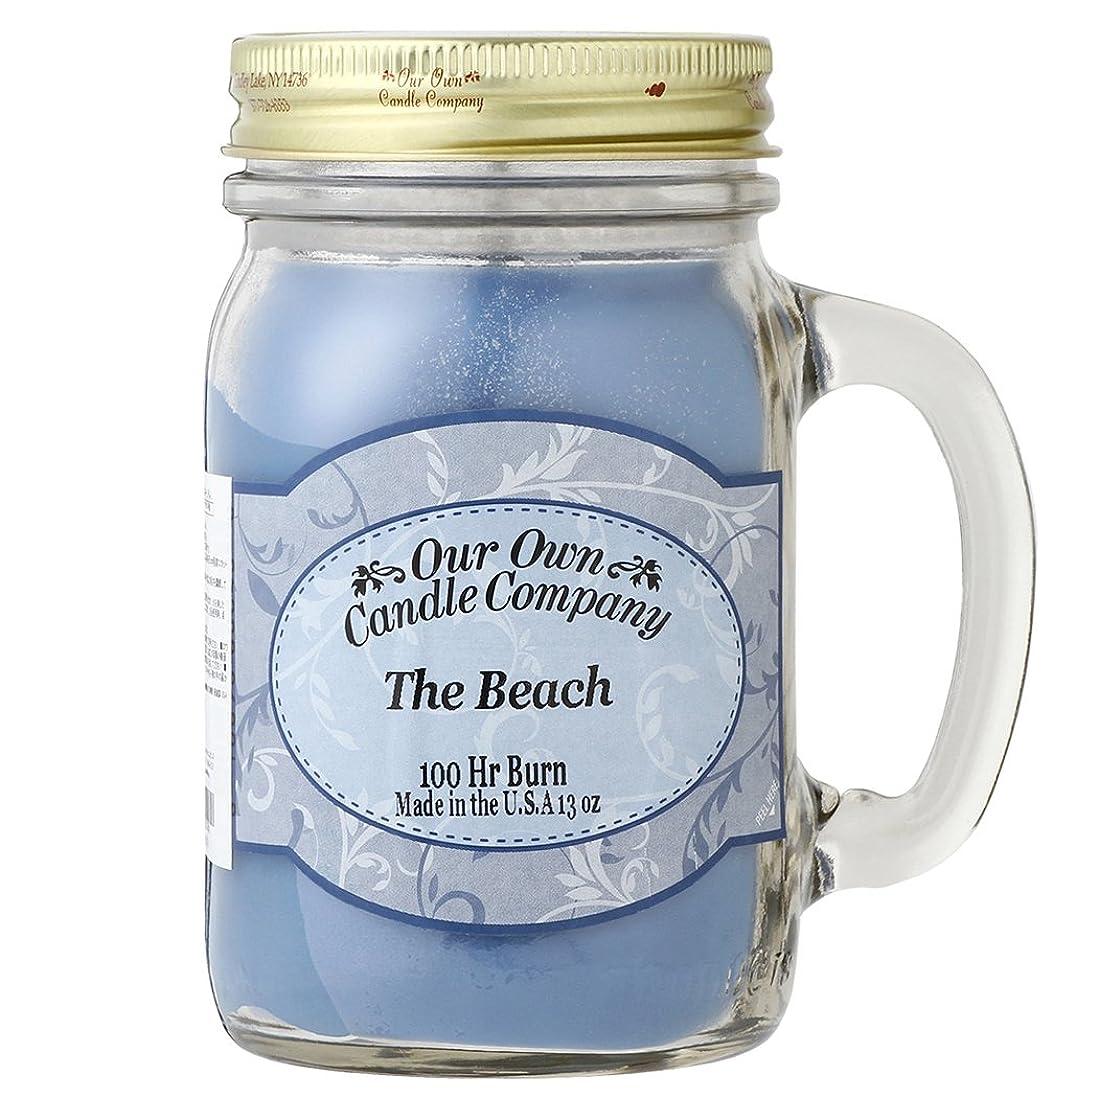 感嘆符増強する外交問題Our Own Candle Company メイソンジャーキャンドル ラージサイズ ザ?ビーチ OU100119